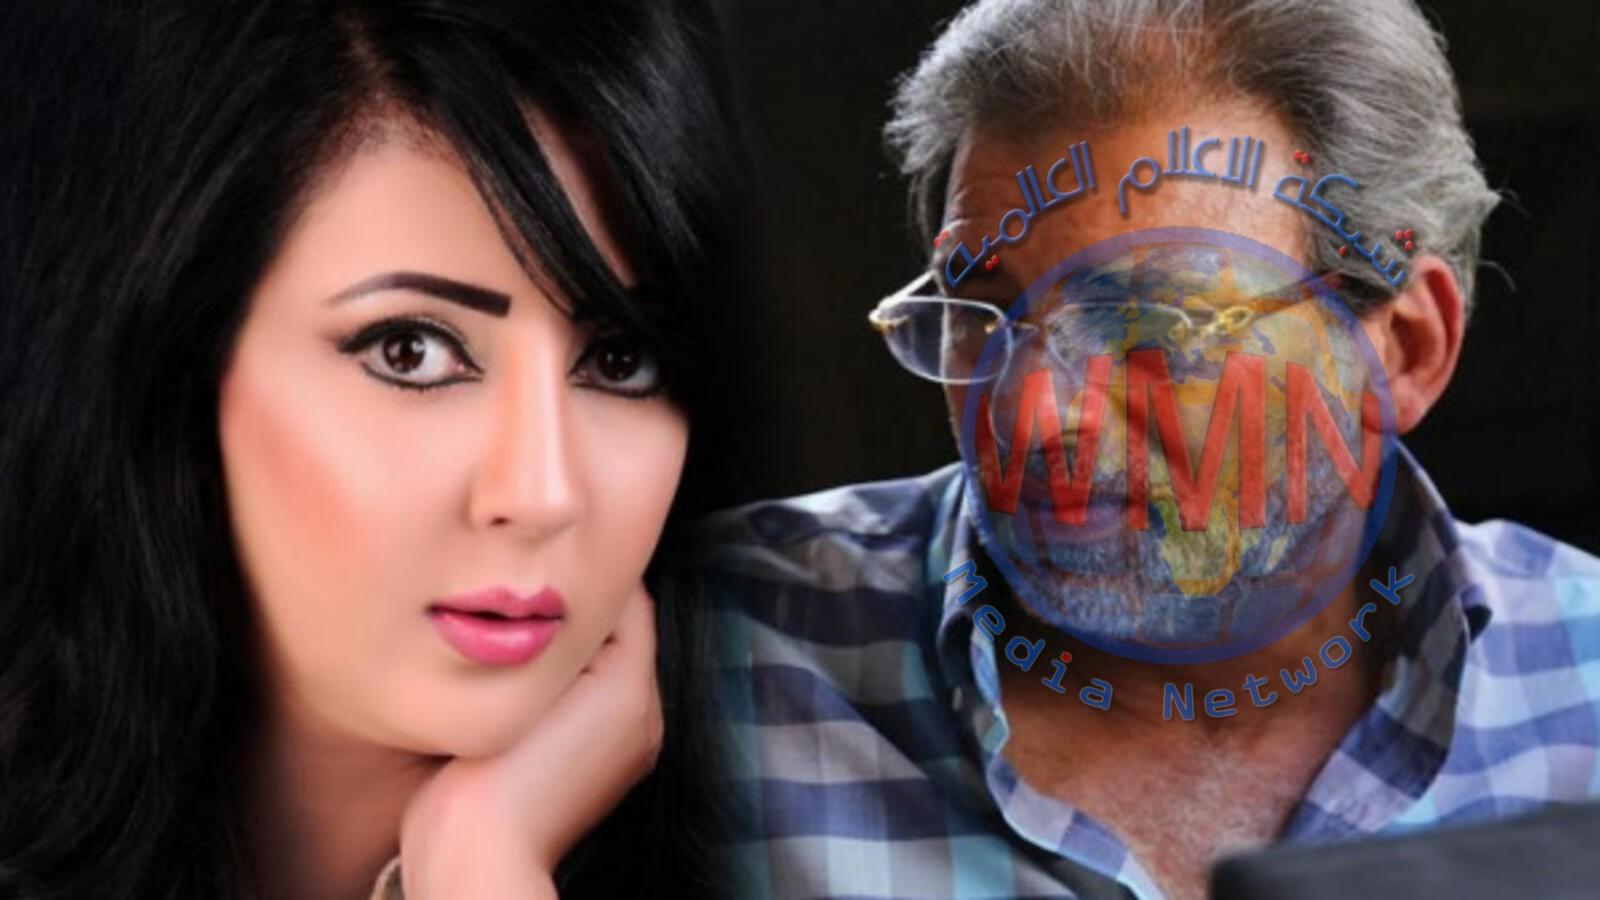 """سيدة الأعمال منى الغضبان: """" خالد يوسف سرّب الفيديو الإباحي وأضر بسمعتي""""!"""